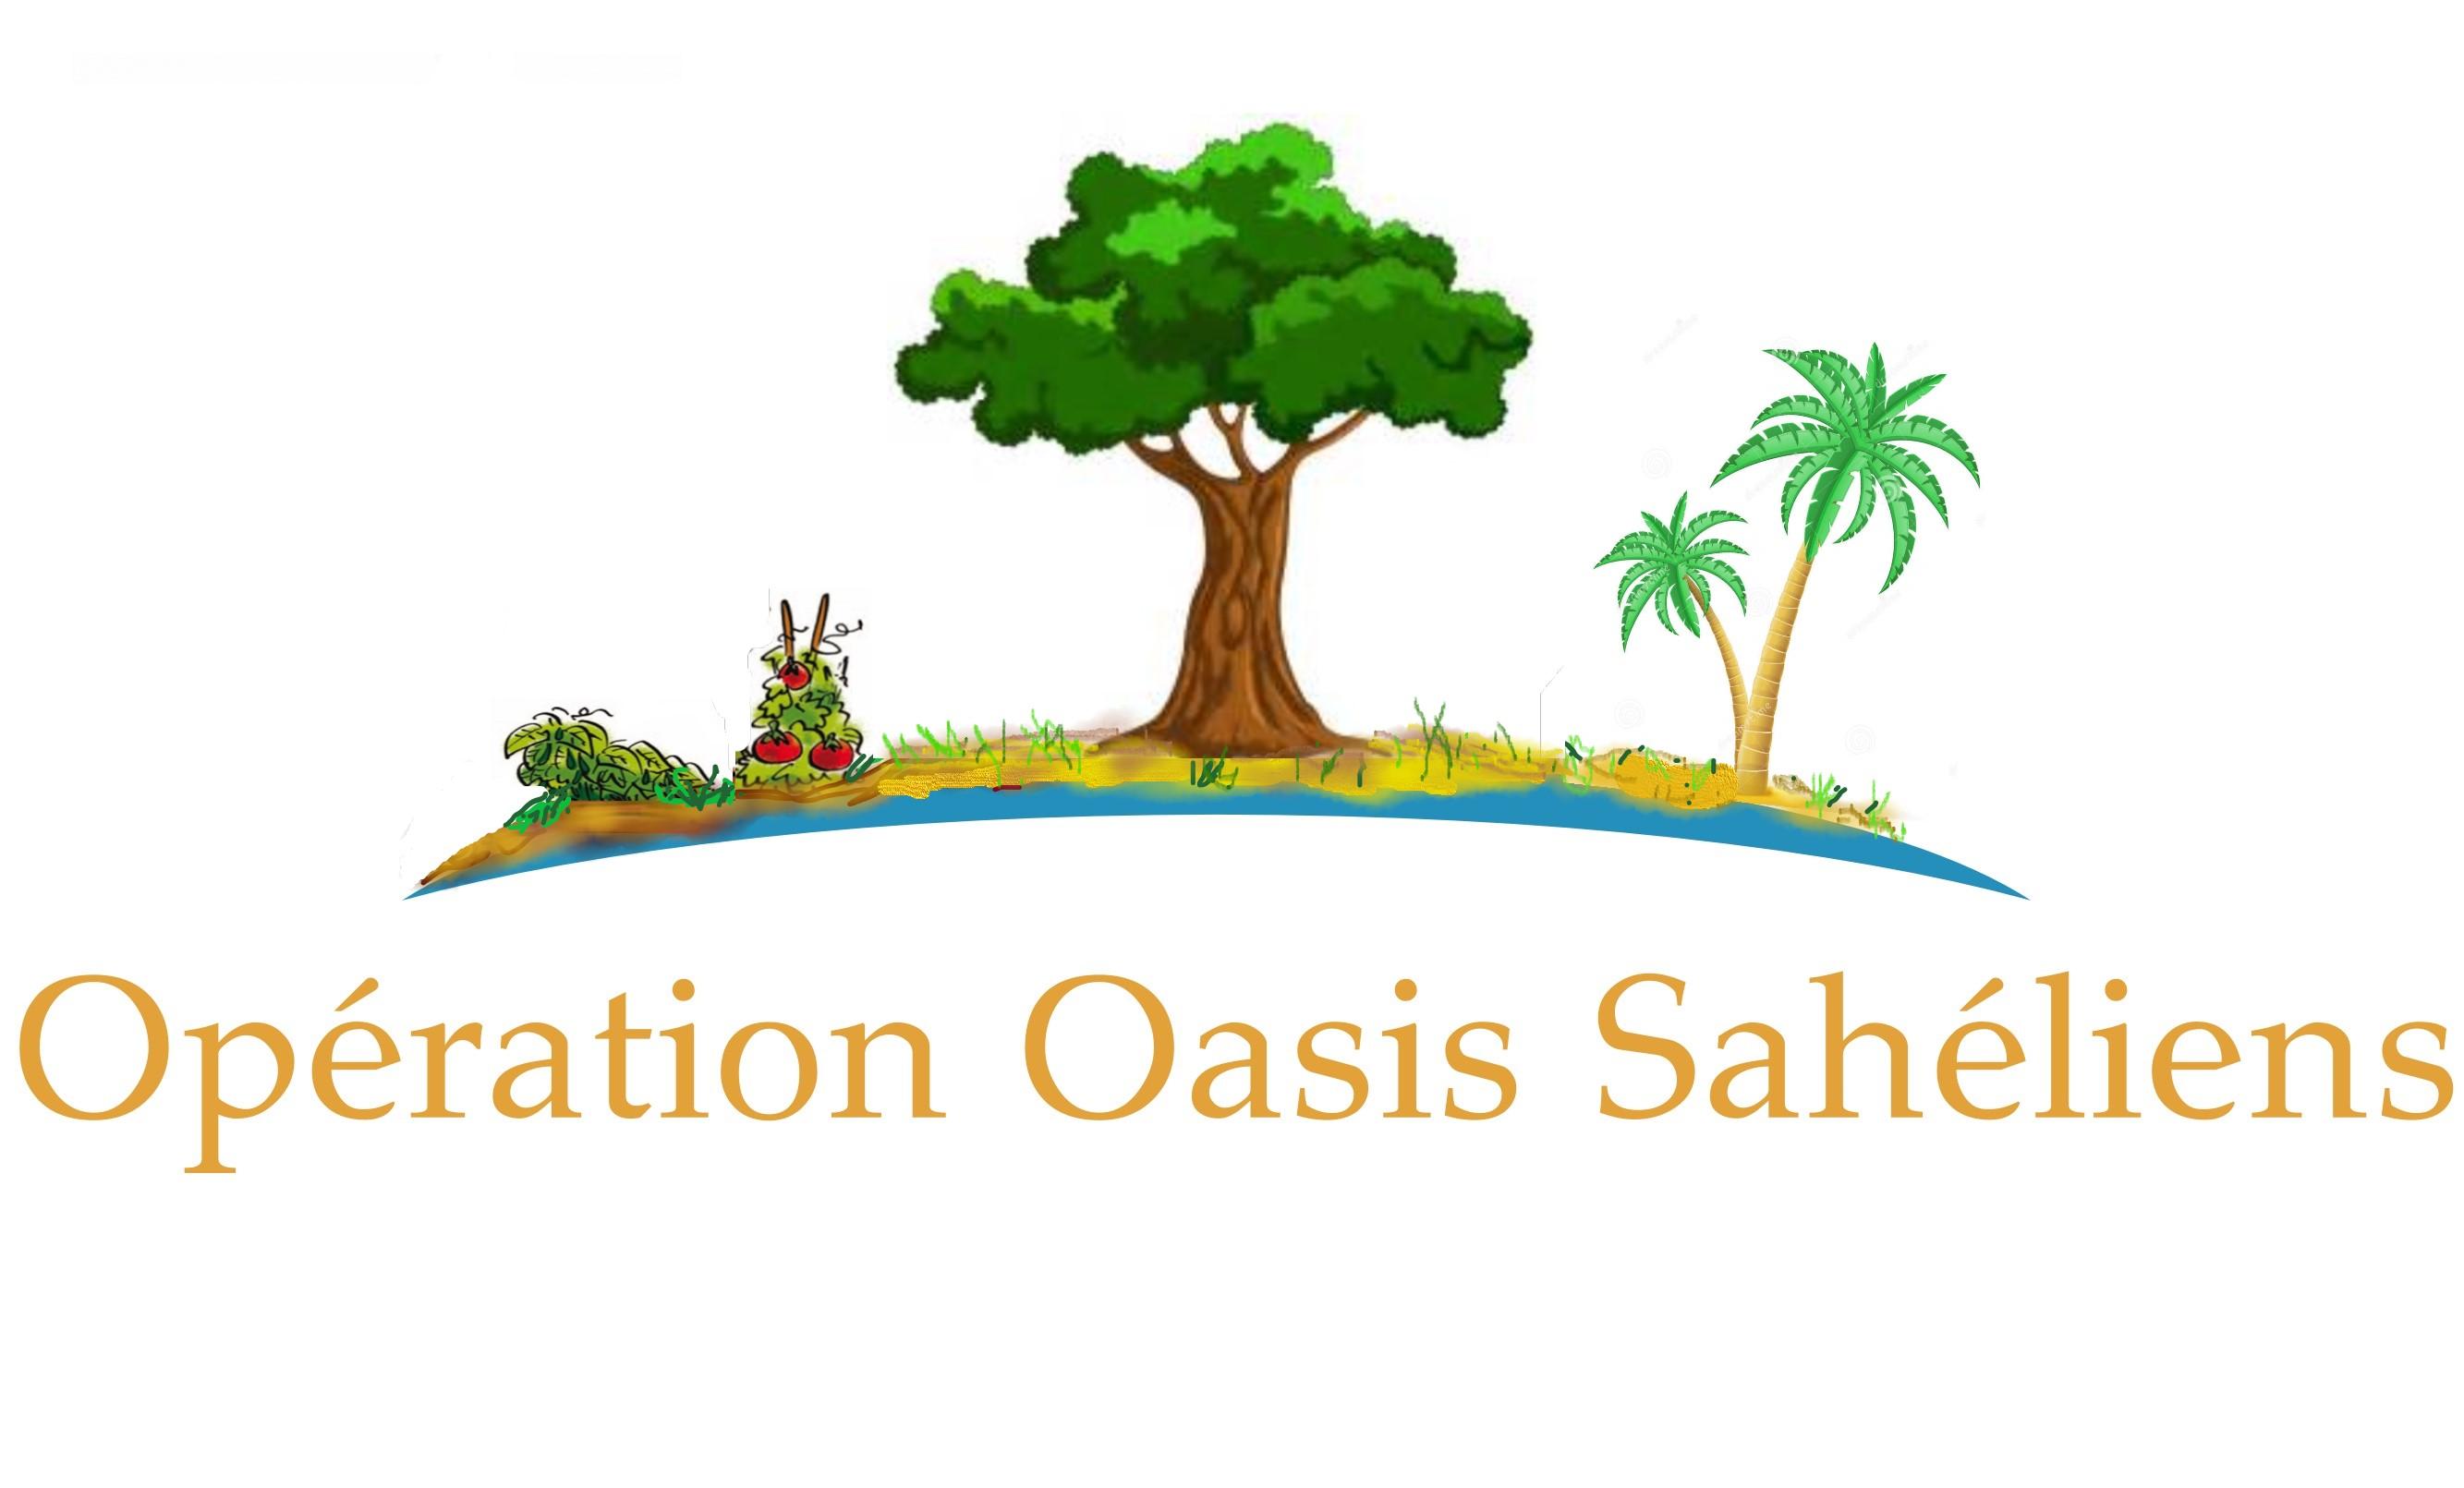 Opération Oasis Sahéliens - OOS